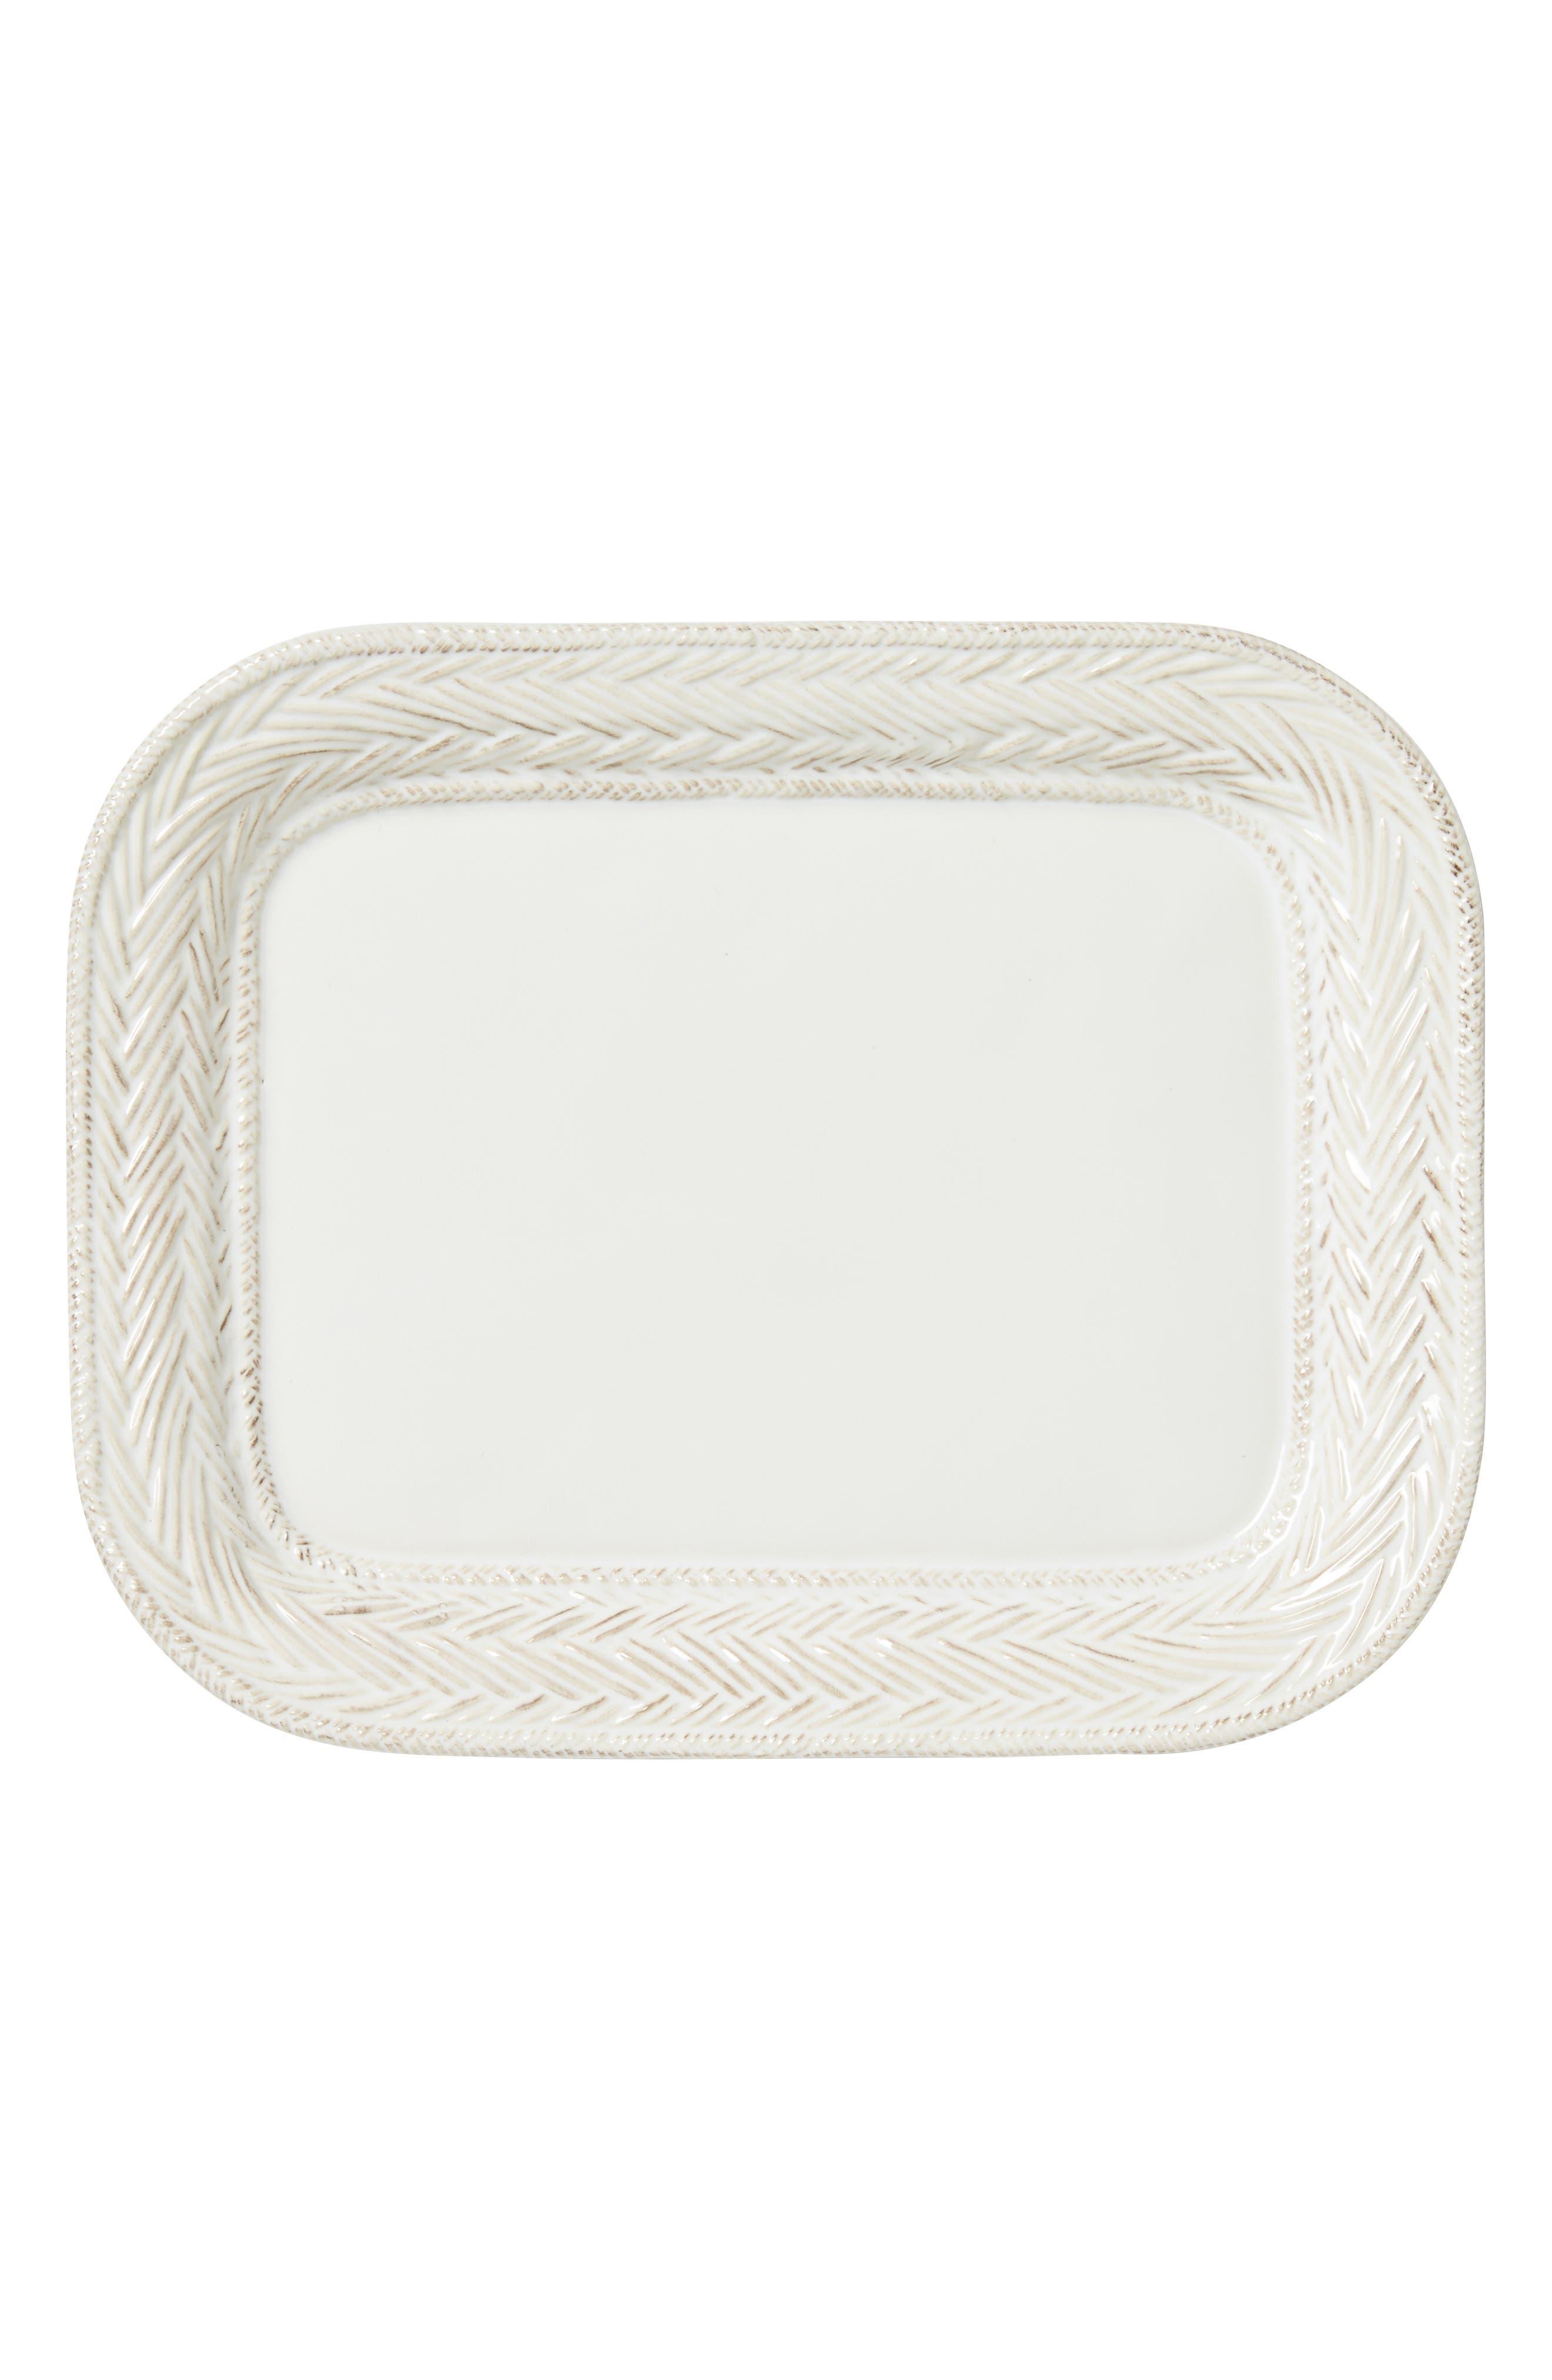 Le Panier Medium Serving Platter,                         Main,                         color, WHITE